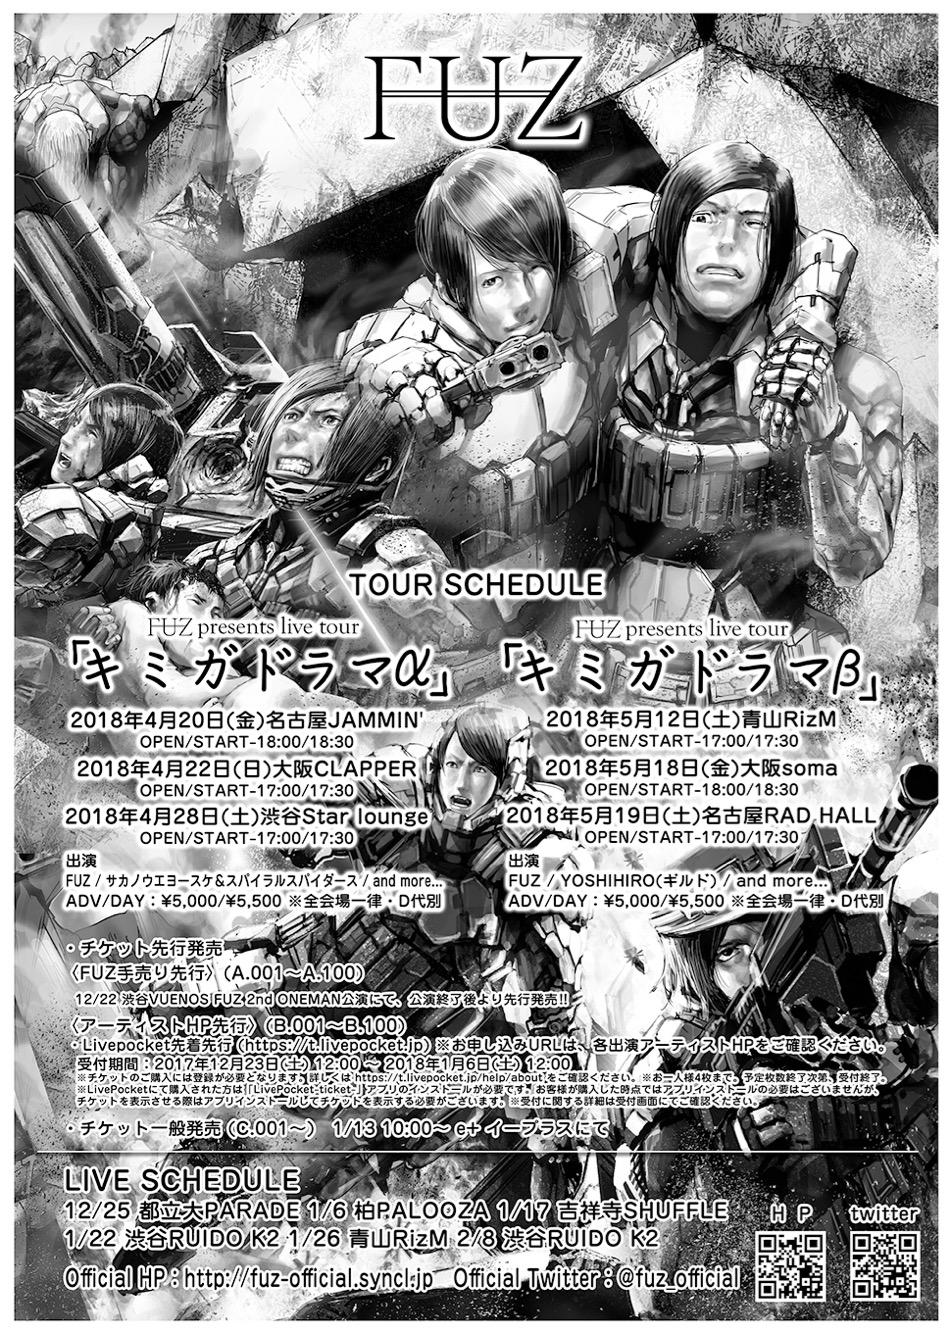 FUZ presents live tour「キミガドラマ α」